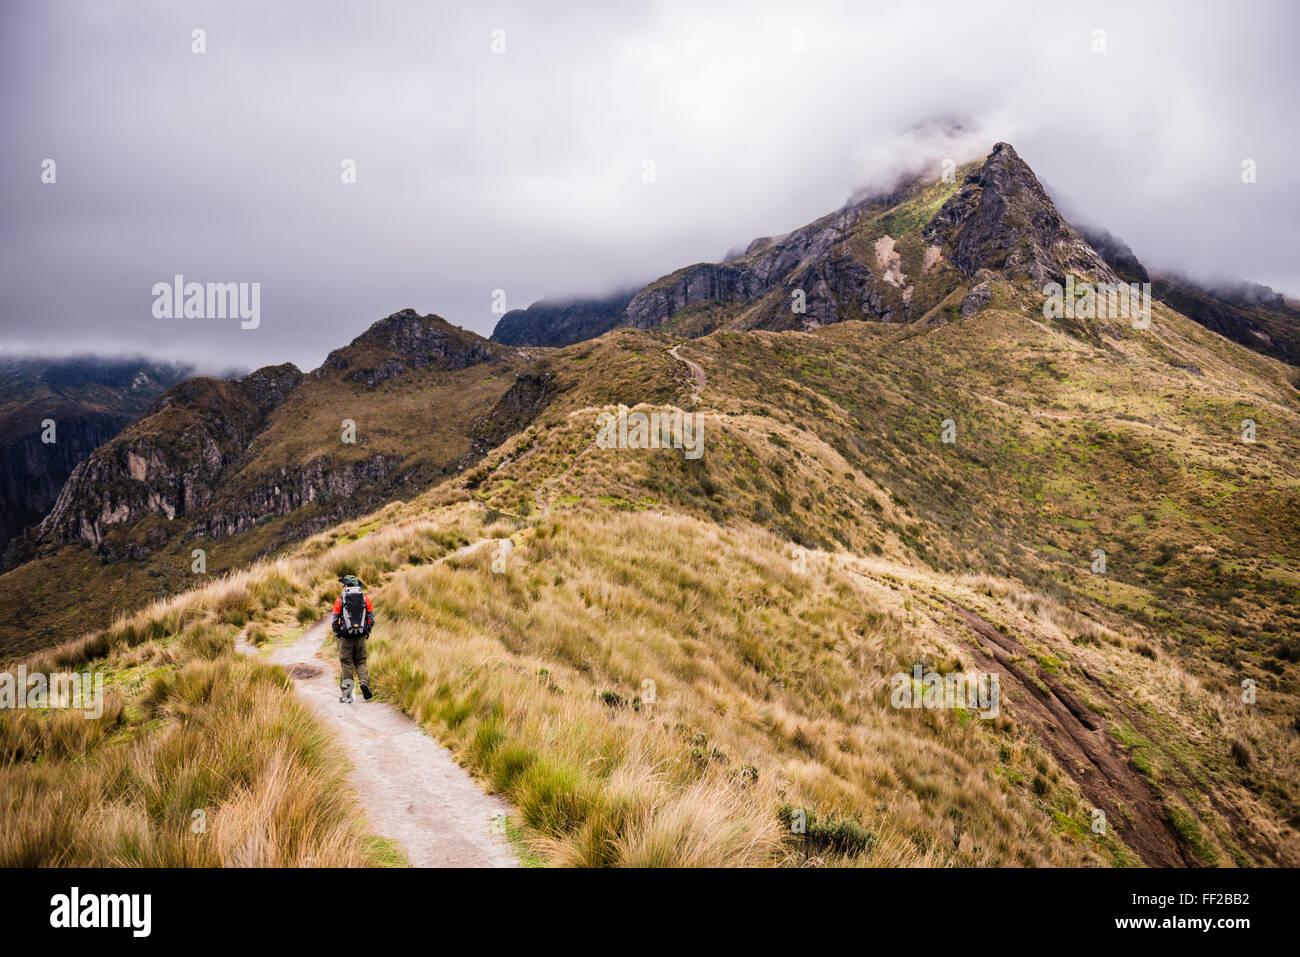 Escursionista trekking Rucu Pichincha VoRMcano, Quito Pichincha Provincia, Ecuador, Sud America Immagini Stock